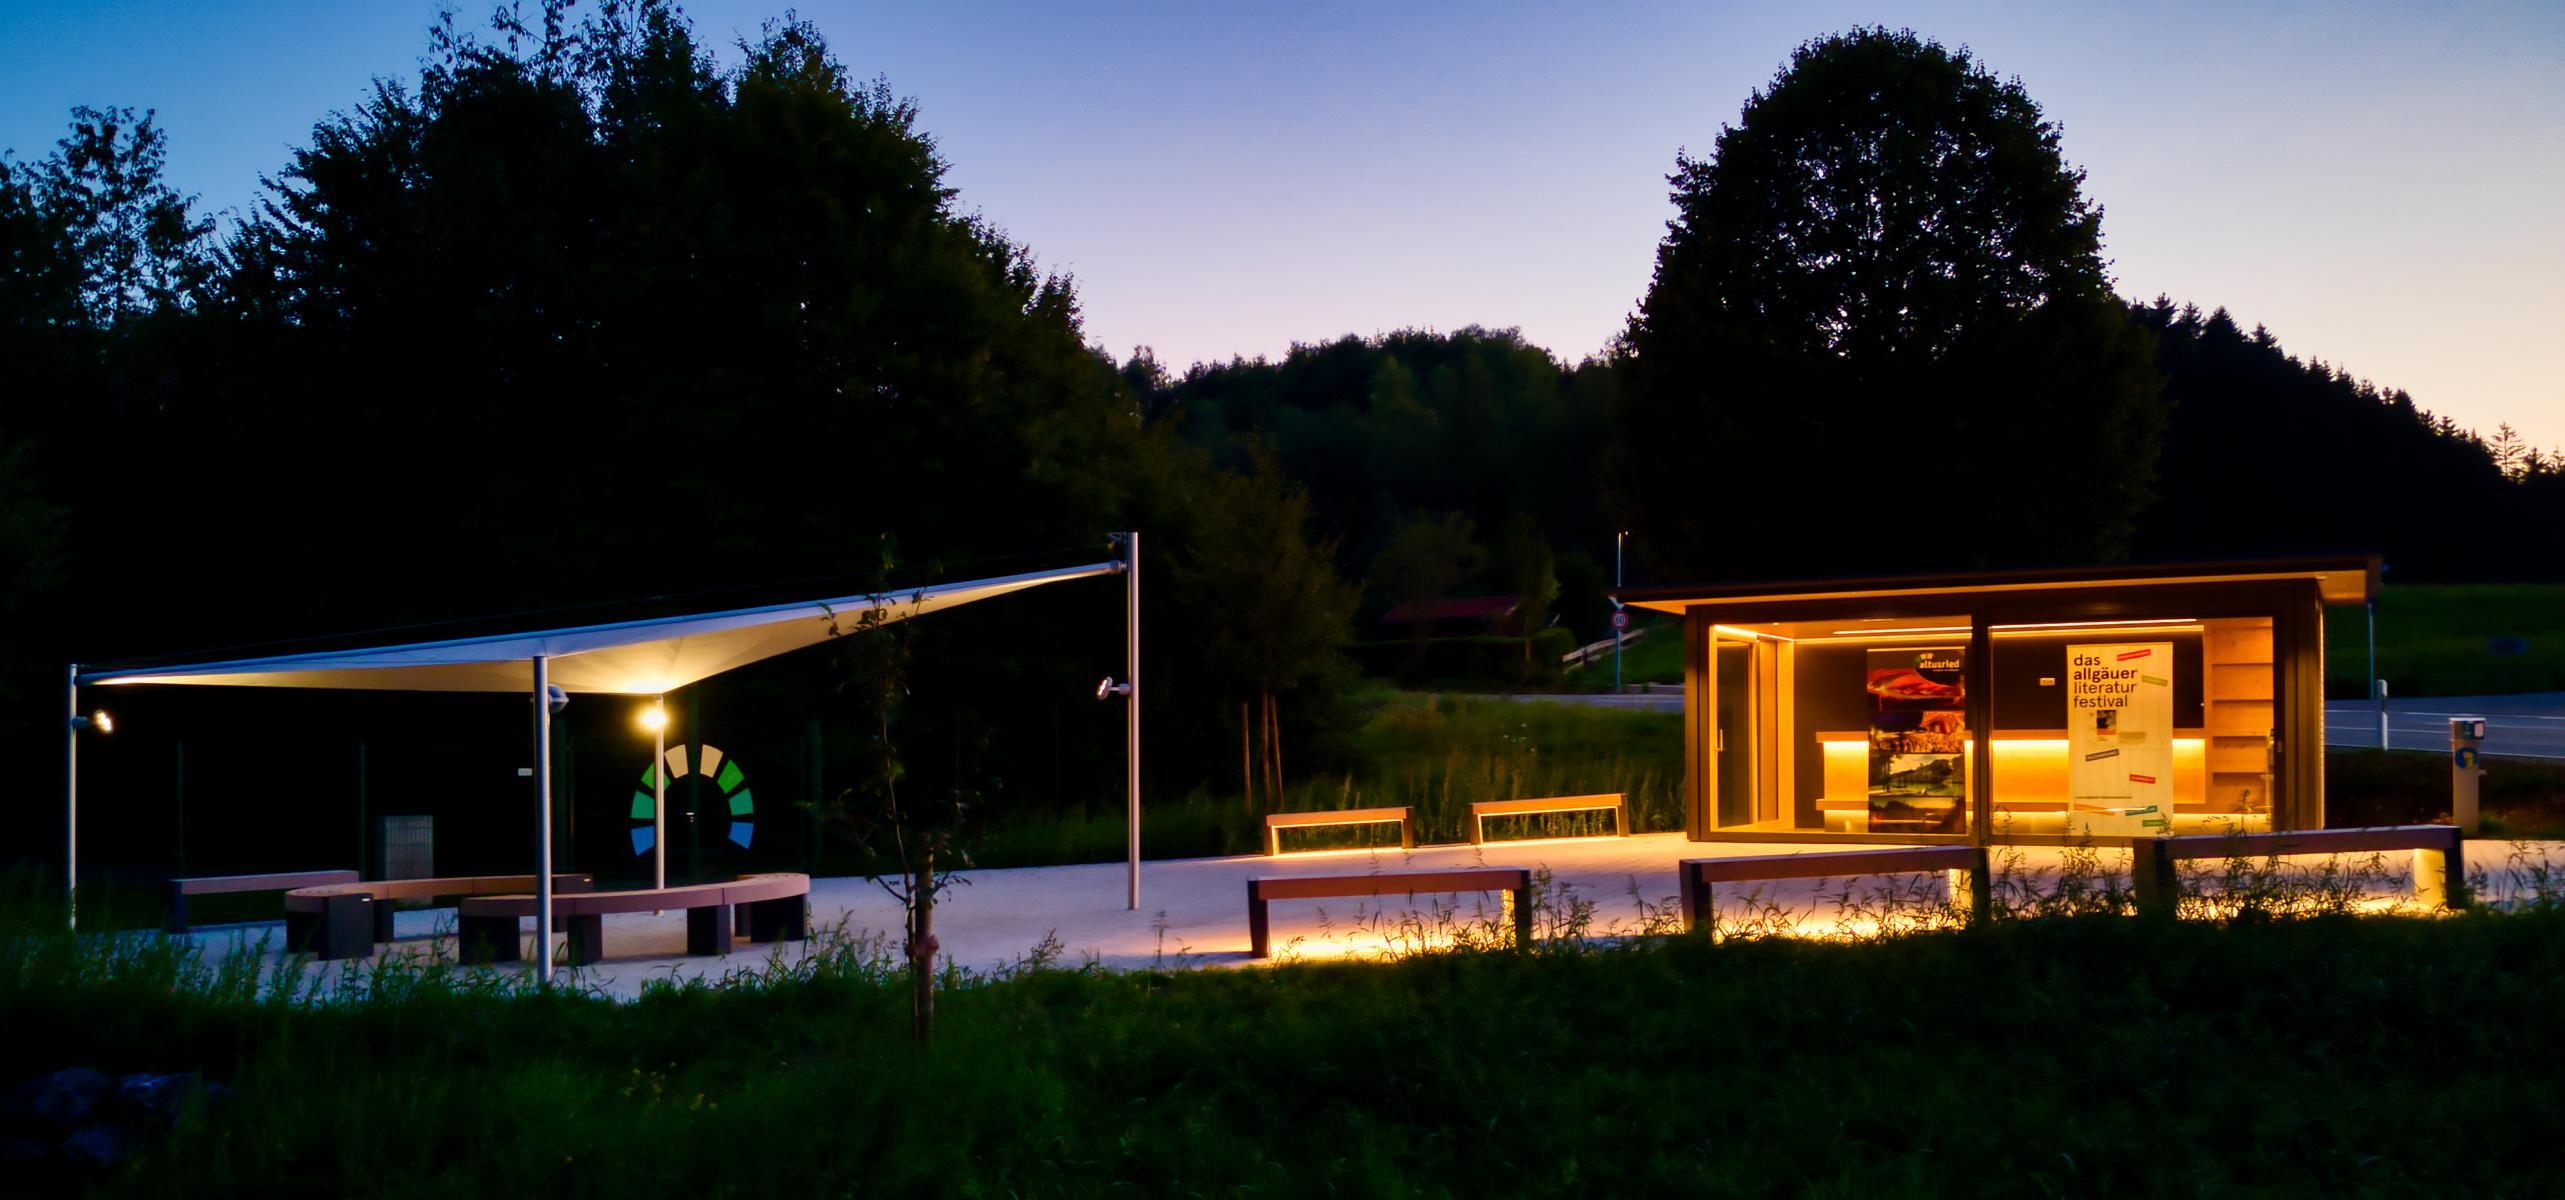 aerosun® Rollsegel (Sun Furl System), 36 m², Freilichtbühne